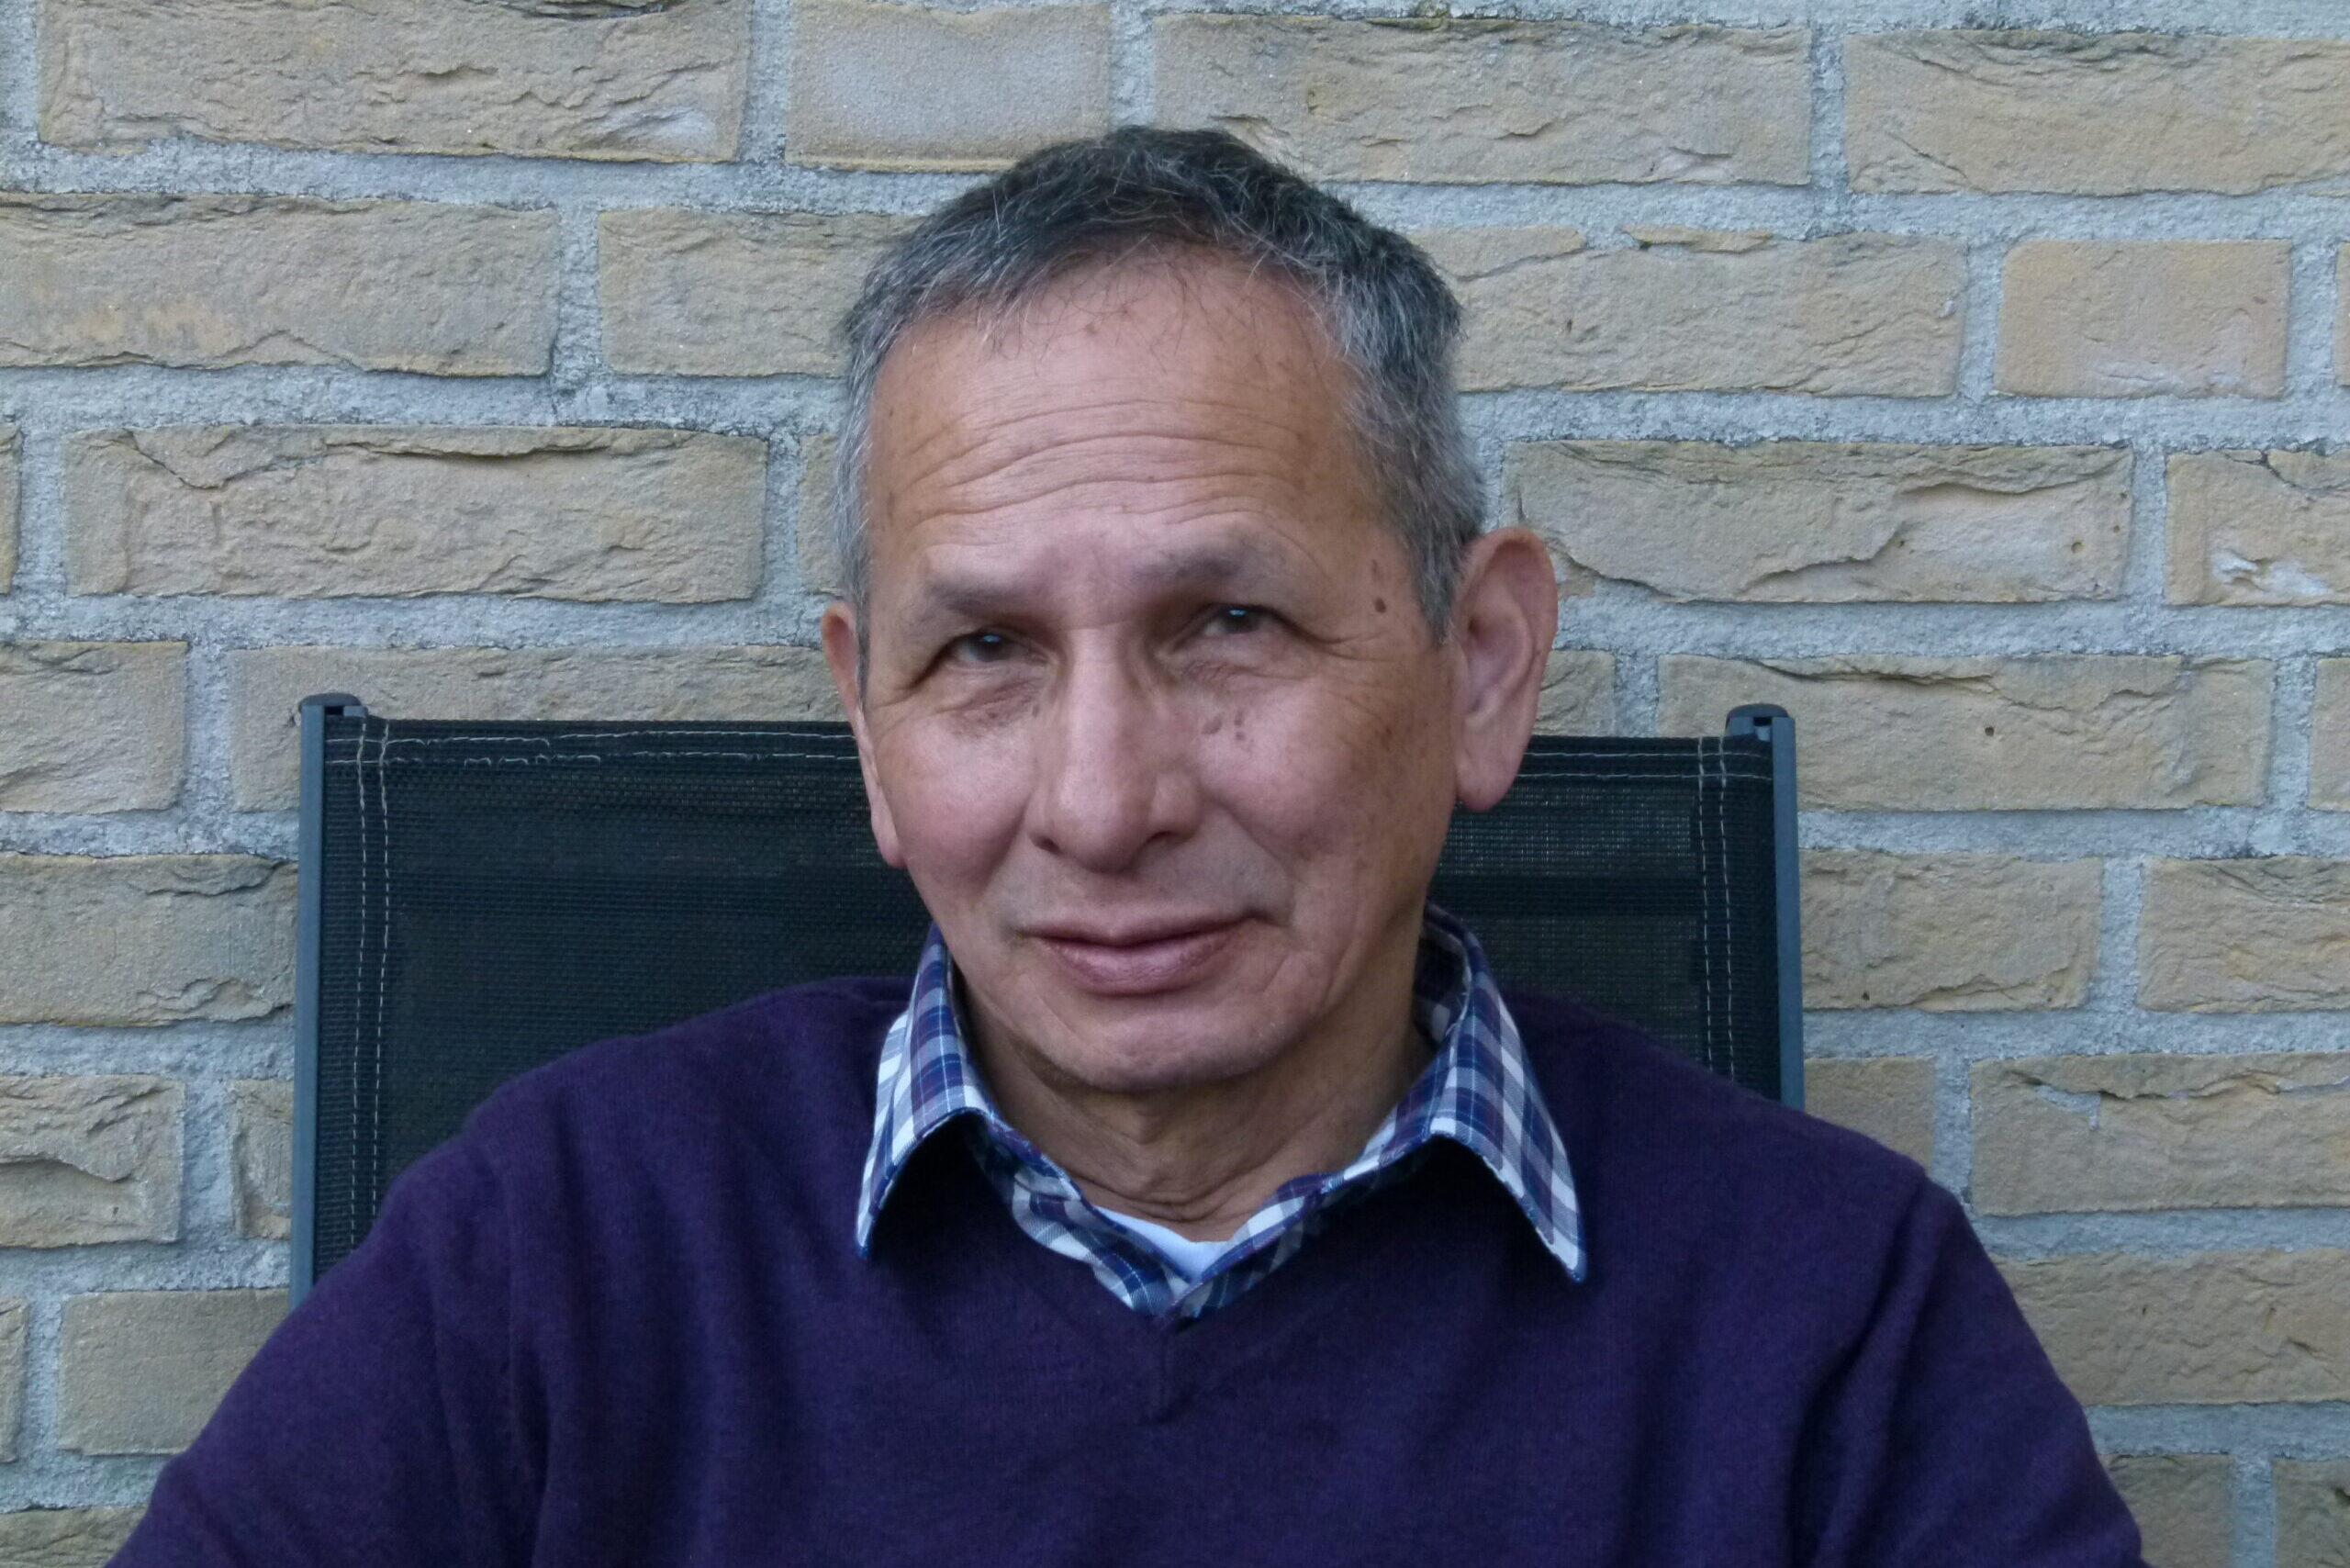 Rene Evers